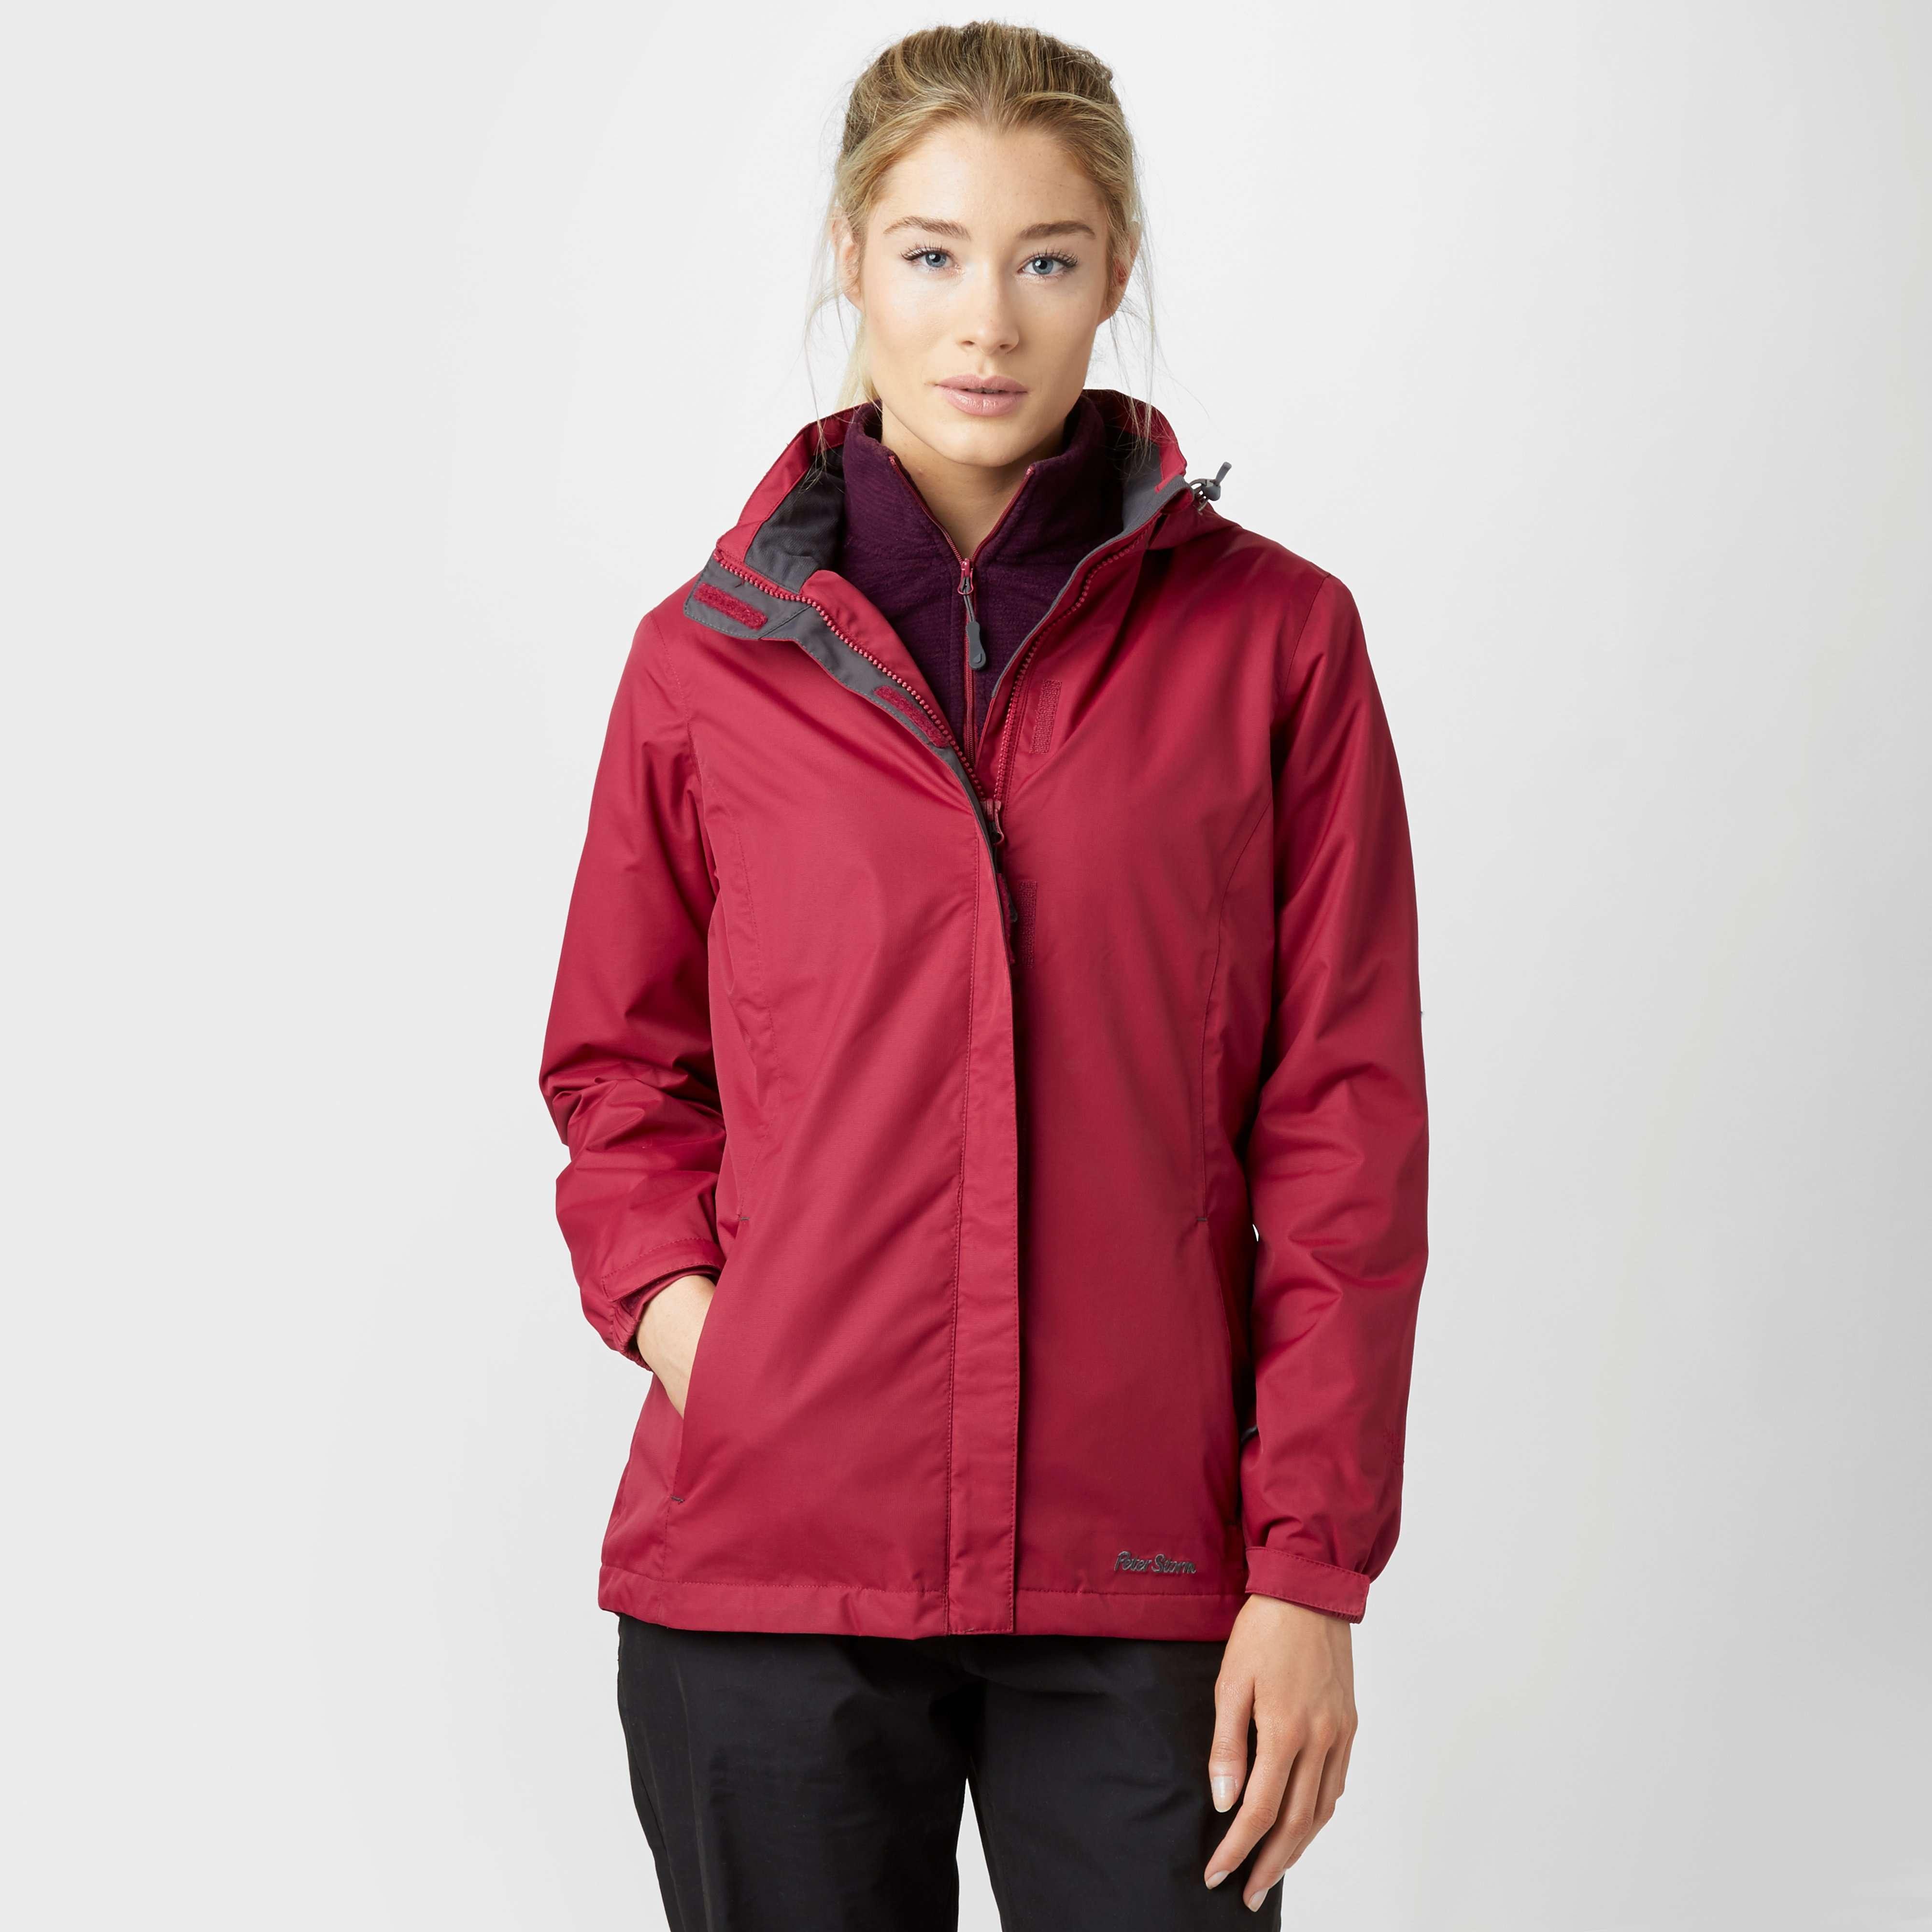 PETER STORM Women's Storm Jacket